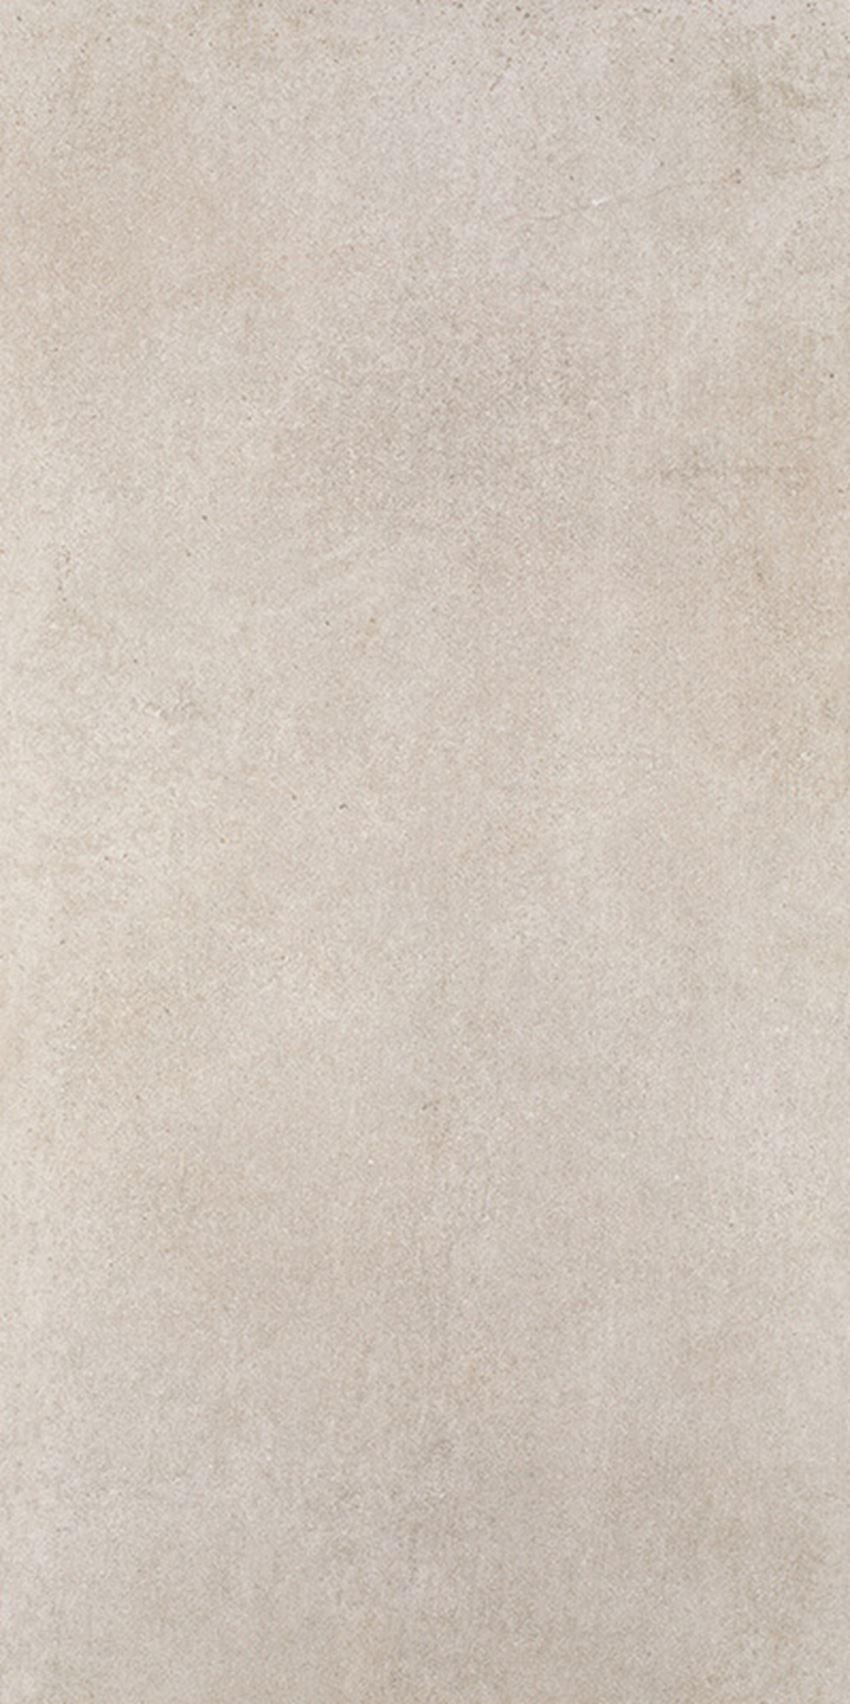 Płytka ścienno-podłogowa 59,8x119,8 cm Paradyż Riversand Beige Gres Szkl. Rekt. Półpoler